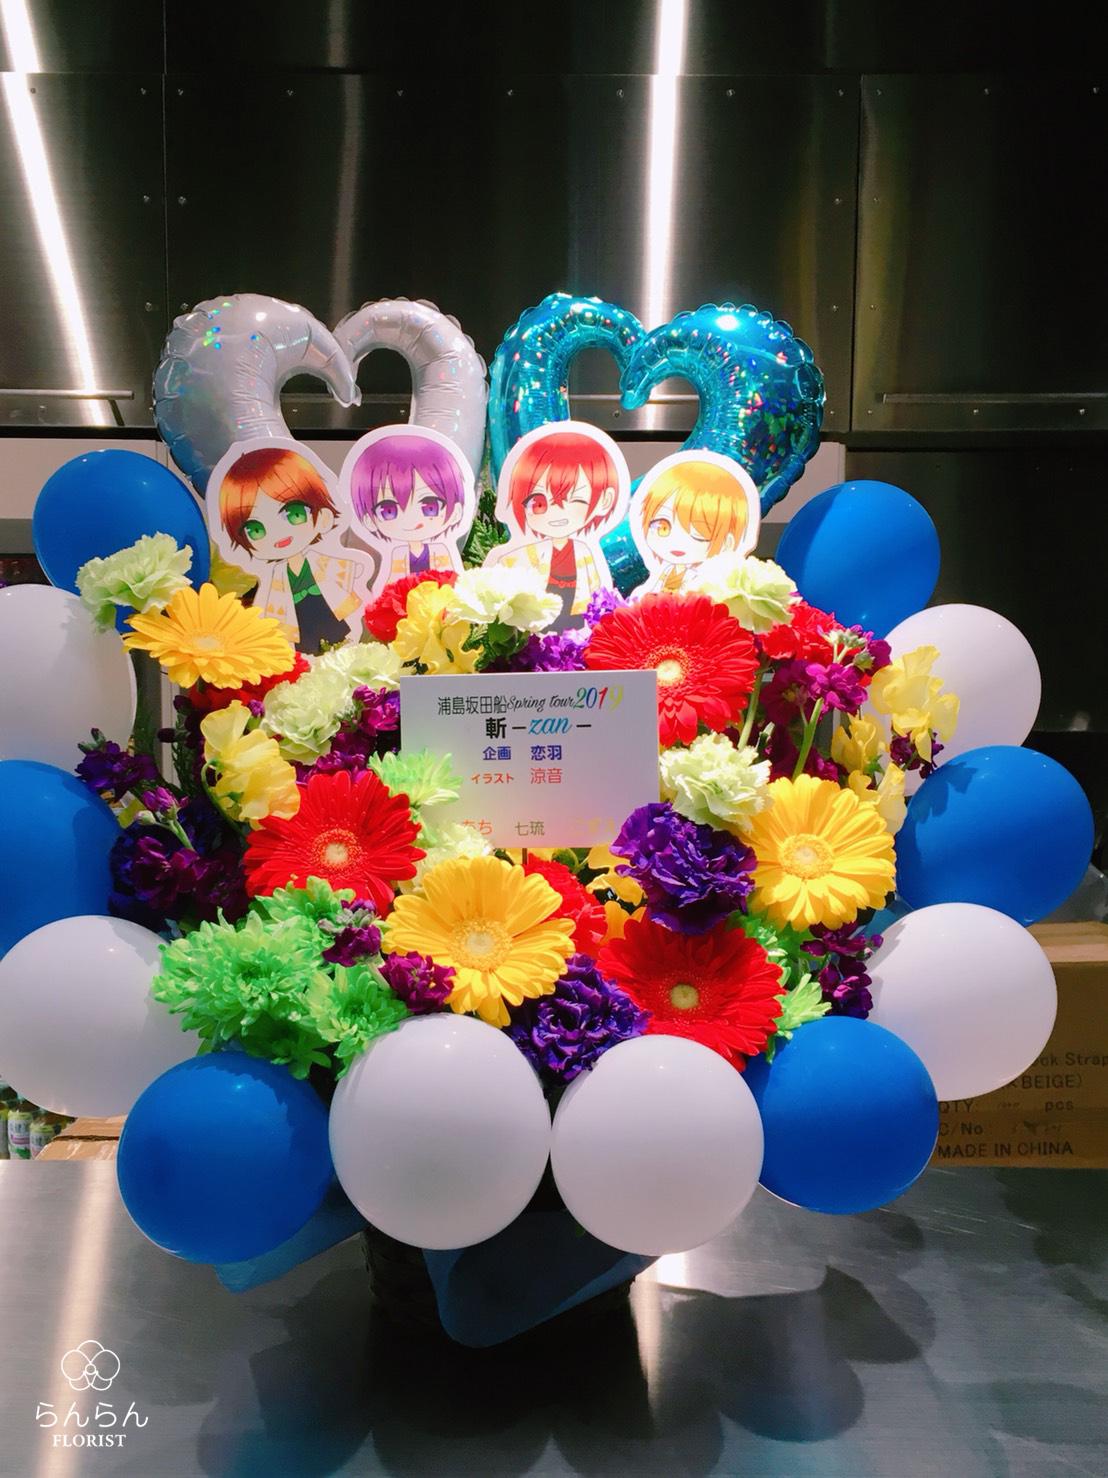 浦島坂田船 お祝いスタンド花